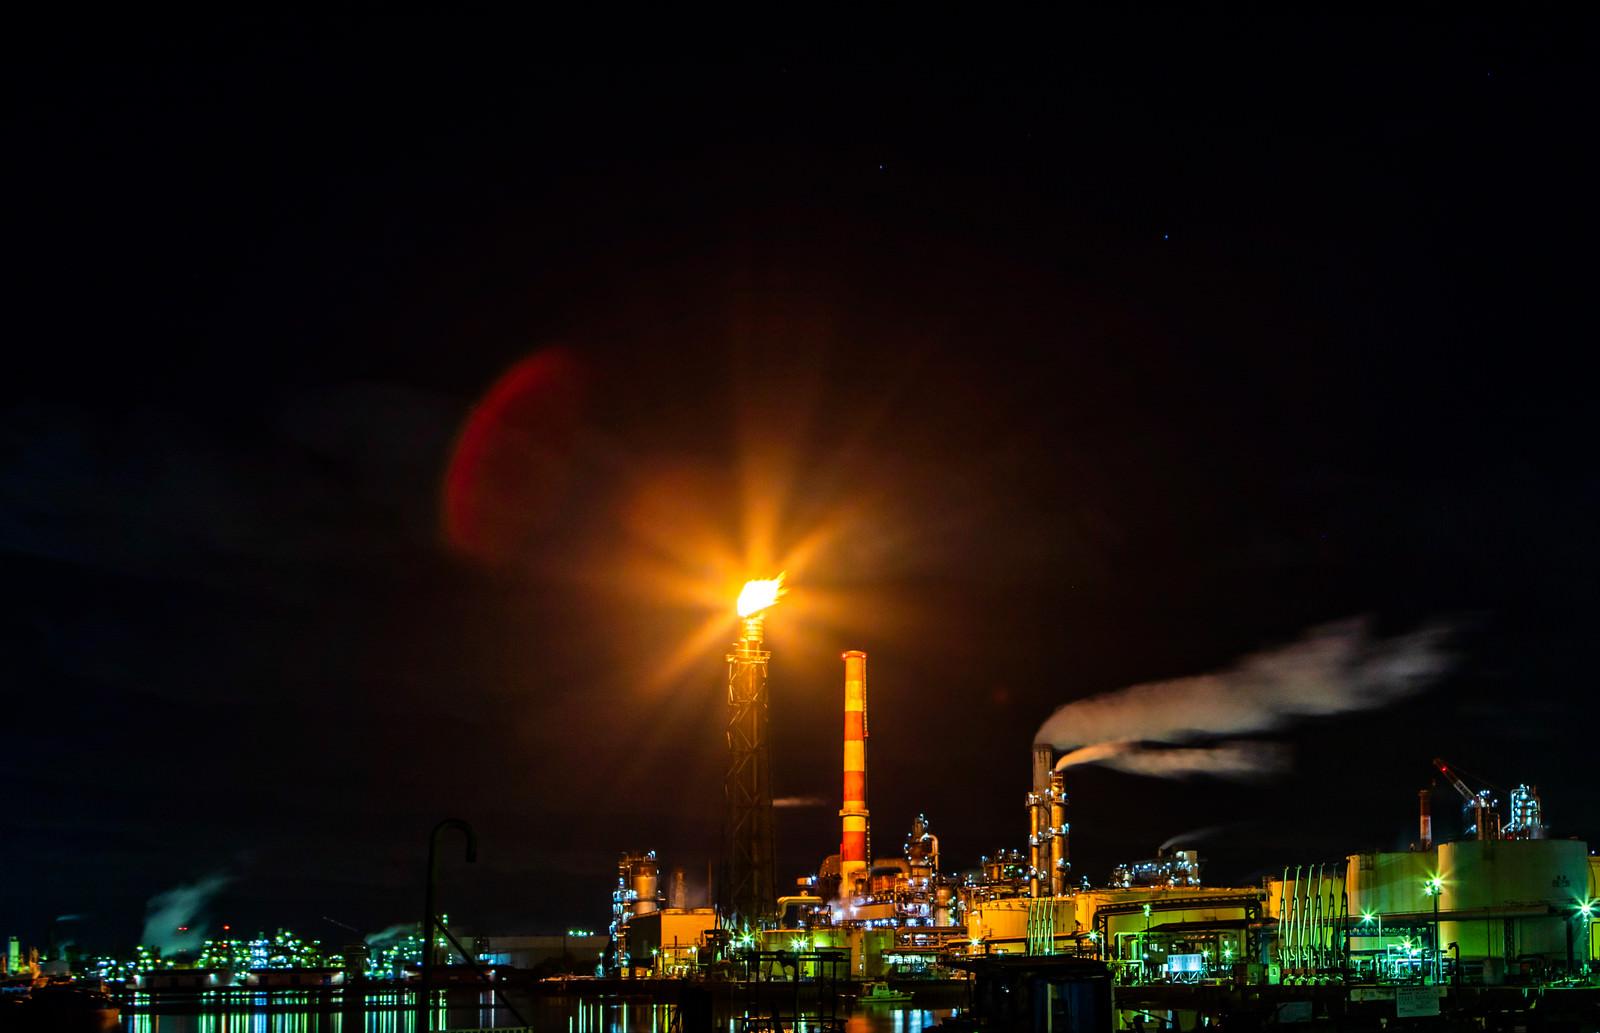 川崎工場地帯のフレアスタックの写真(画像)|フリー素材「ぱくたそ」